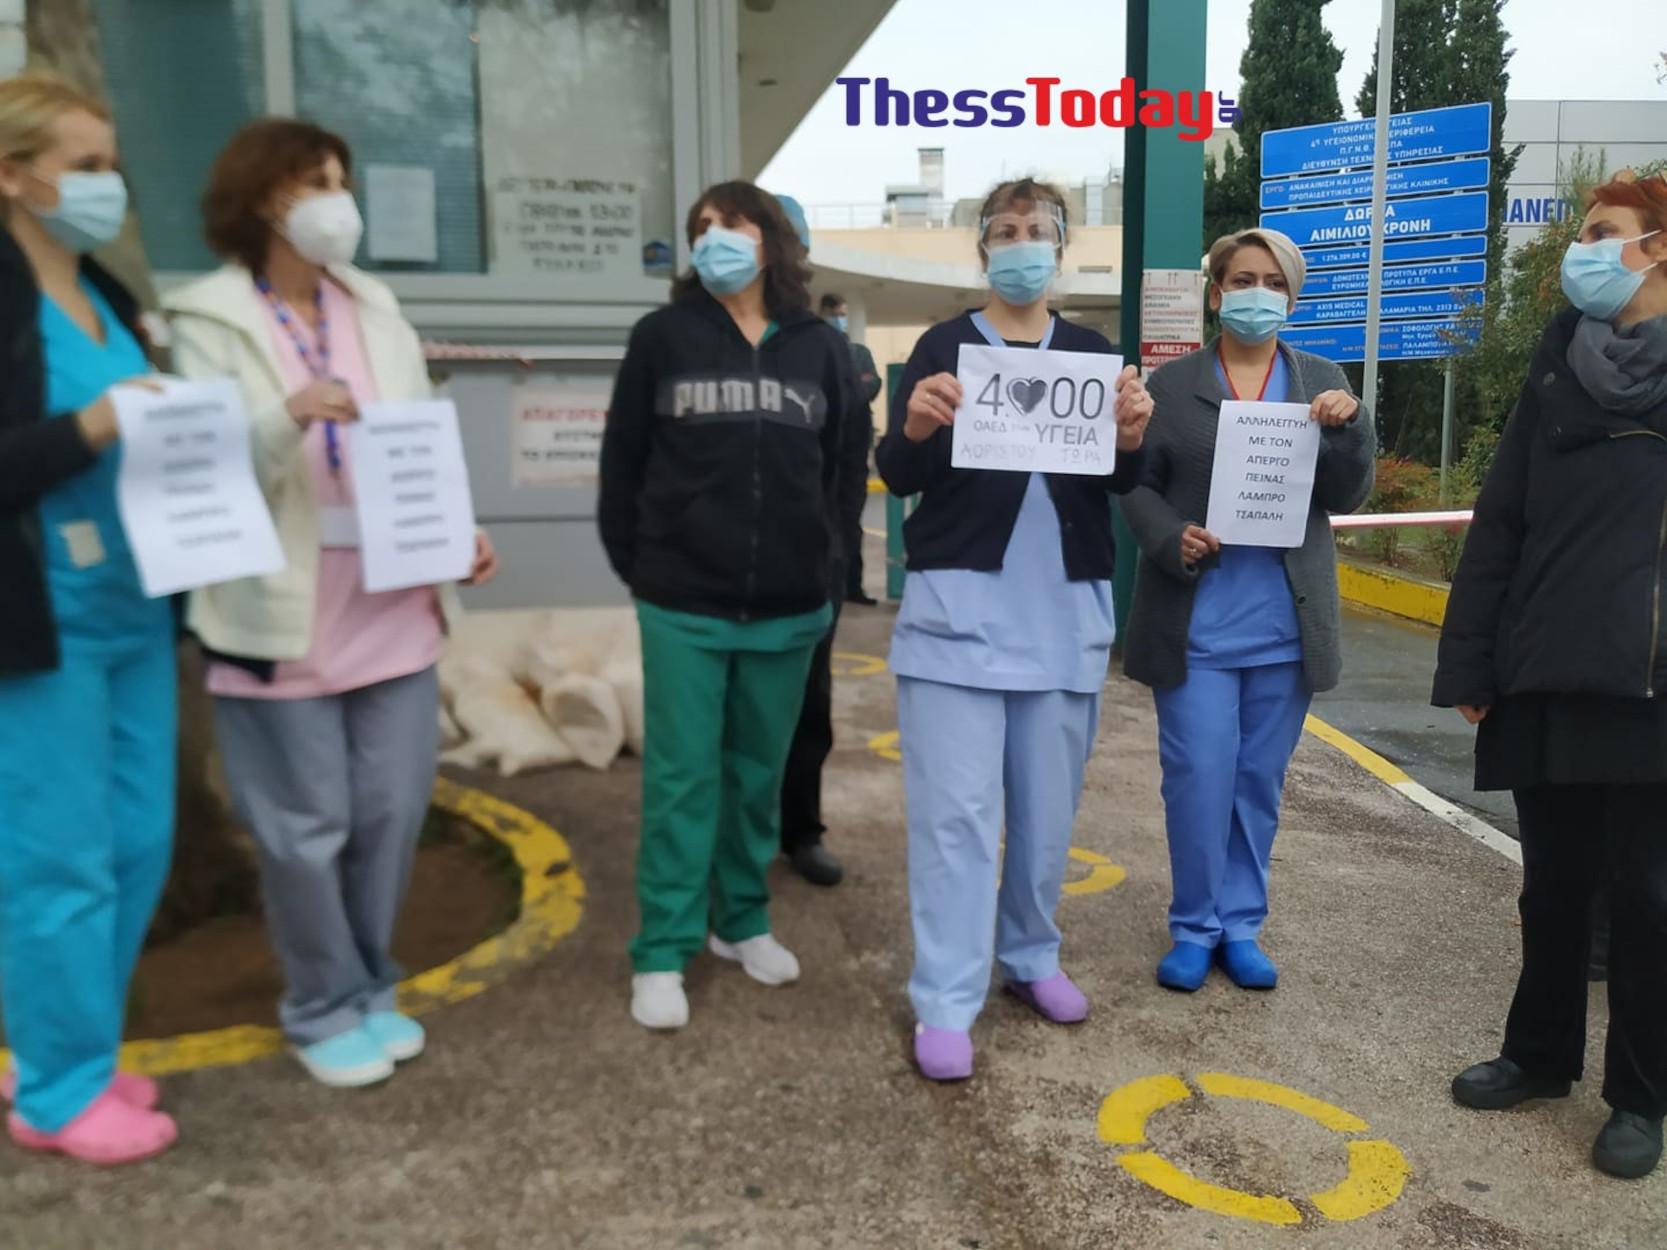 Θεσσαλονίκη: Κινητοποίηση γιατρών και νοσηλευτών για μονιμοποίηση και ένταξη στα βαρέα και ανθυγιεινά (pics, video)